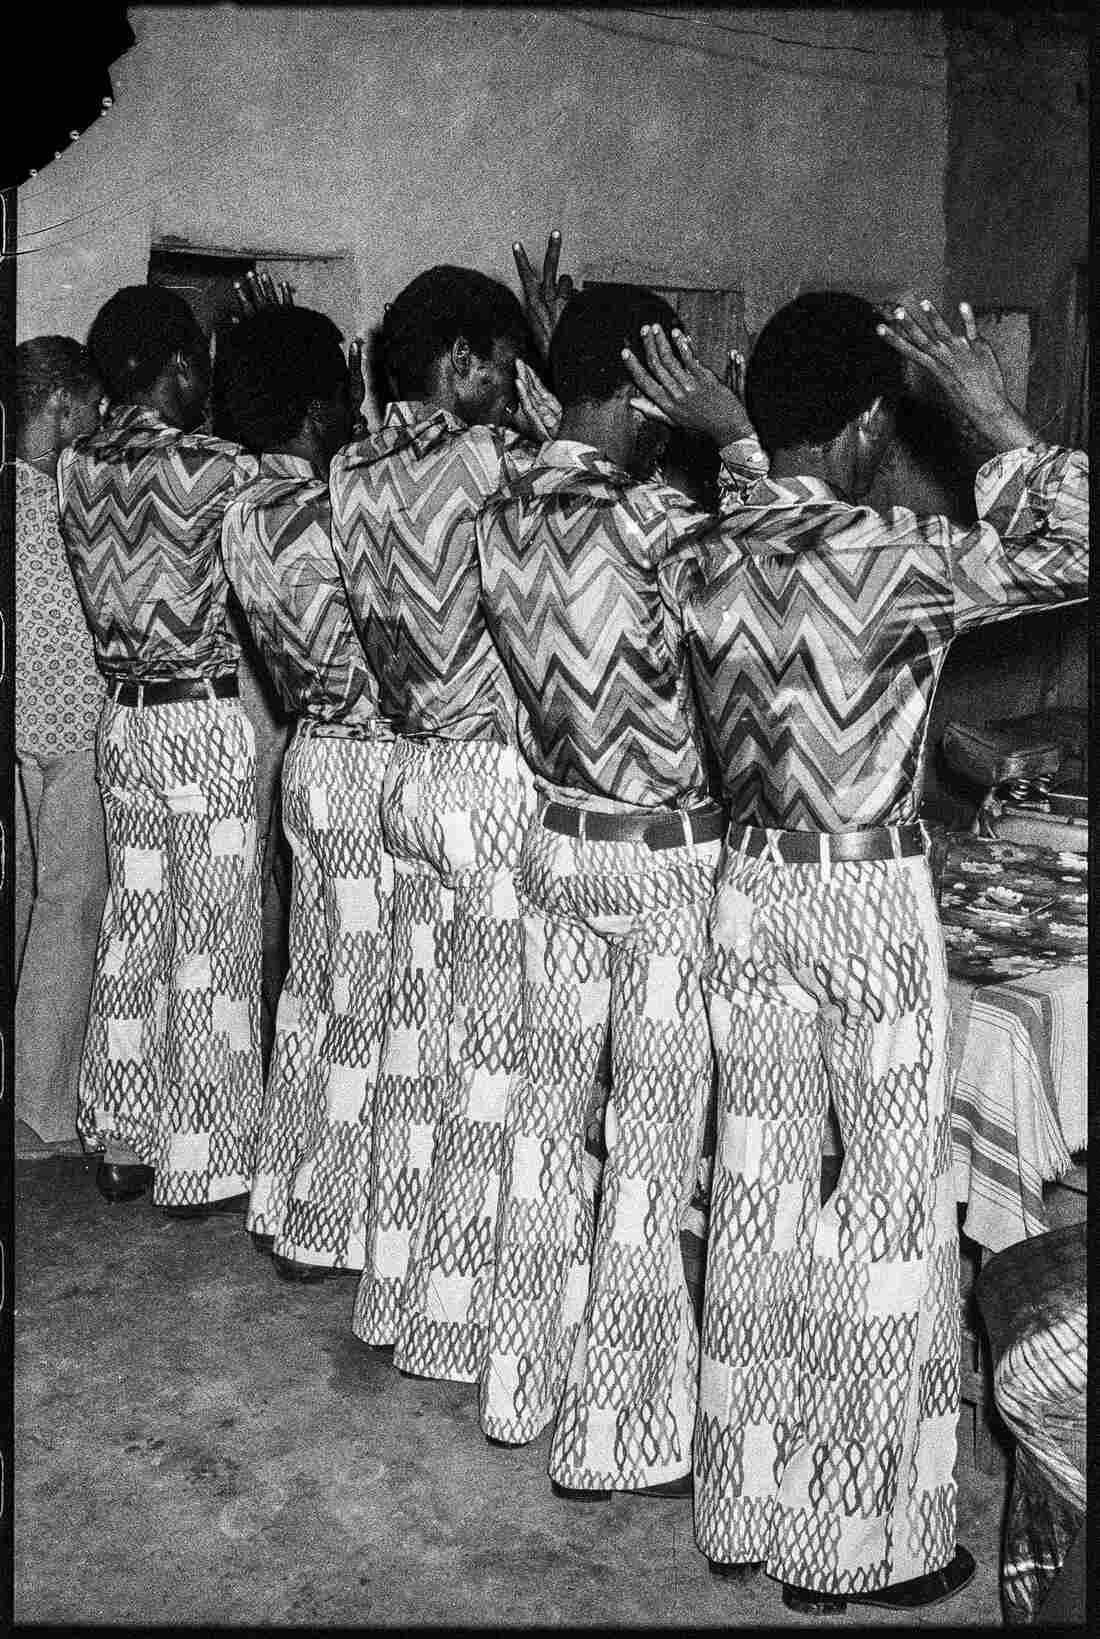 Les Amis dans la Même Tenue, 1972